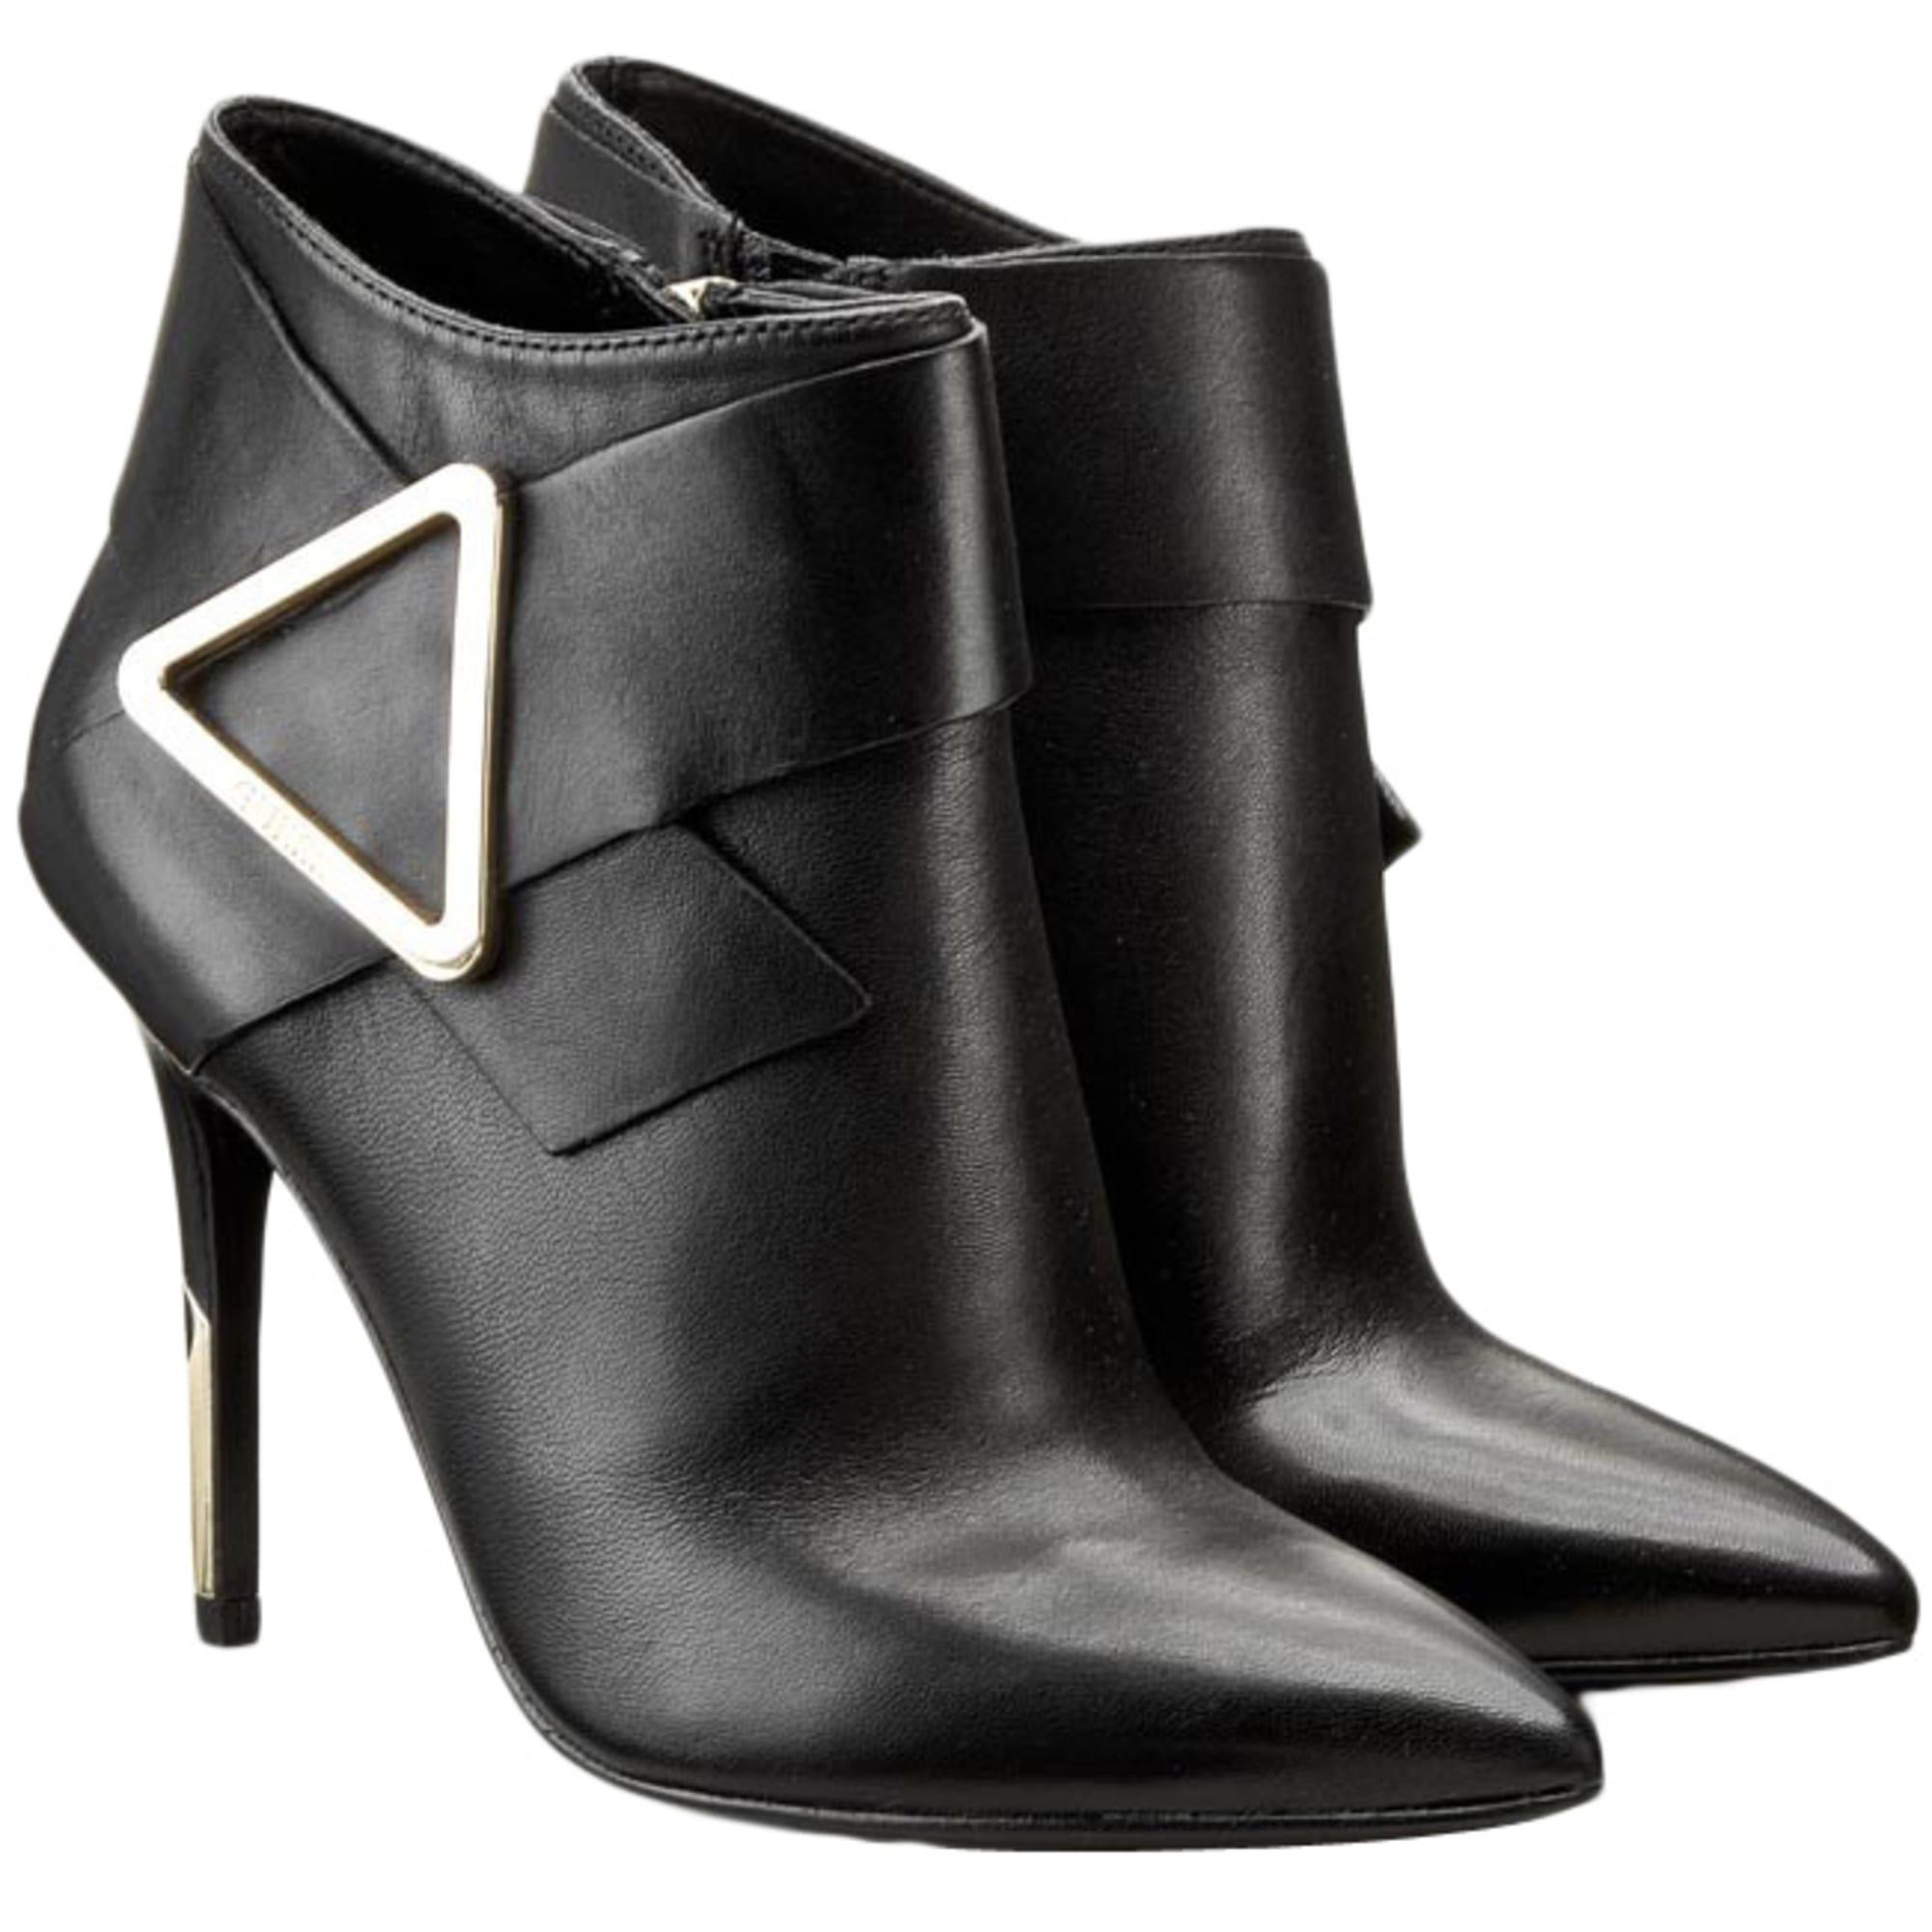 1e288e592d Bottines & low boots à talons GUESS 35 noir - 8370880